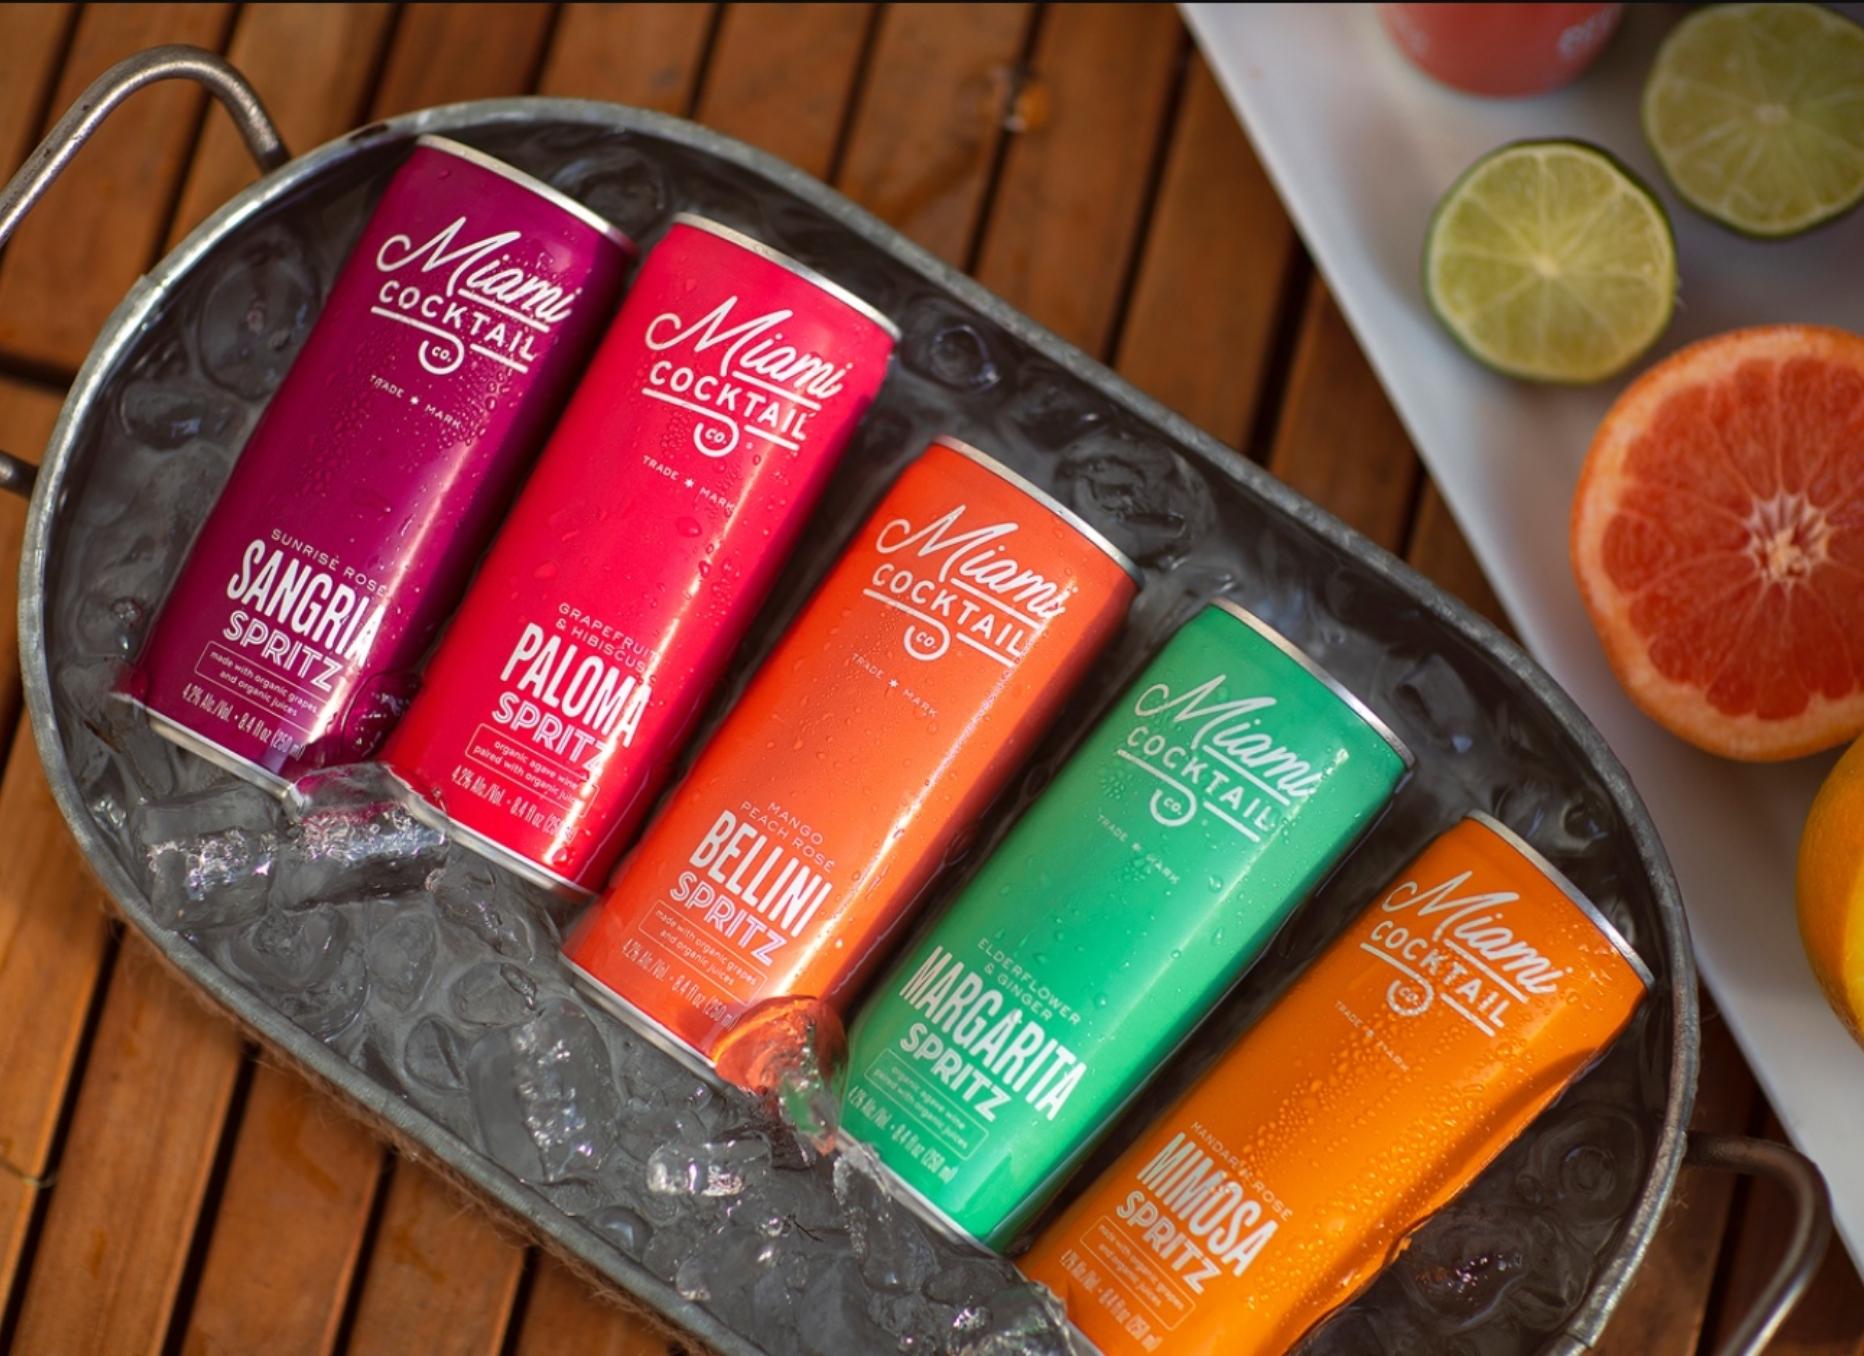 Miami Cocktails